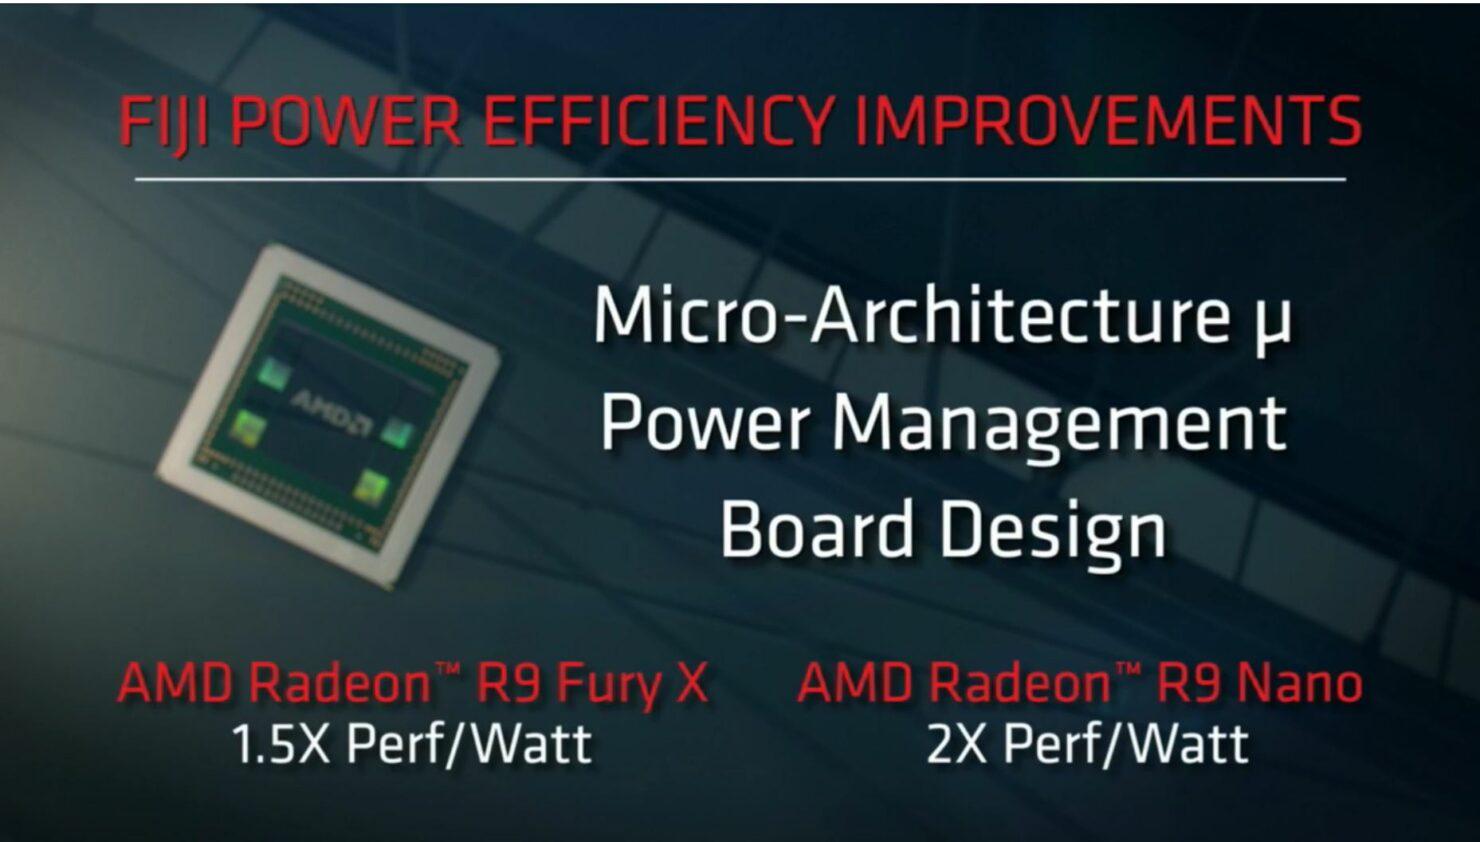 amd-fiji-gpu-efficency-performance-per-watt